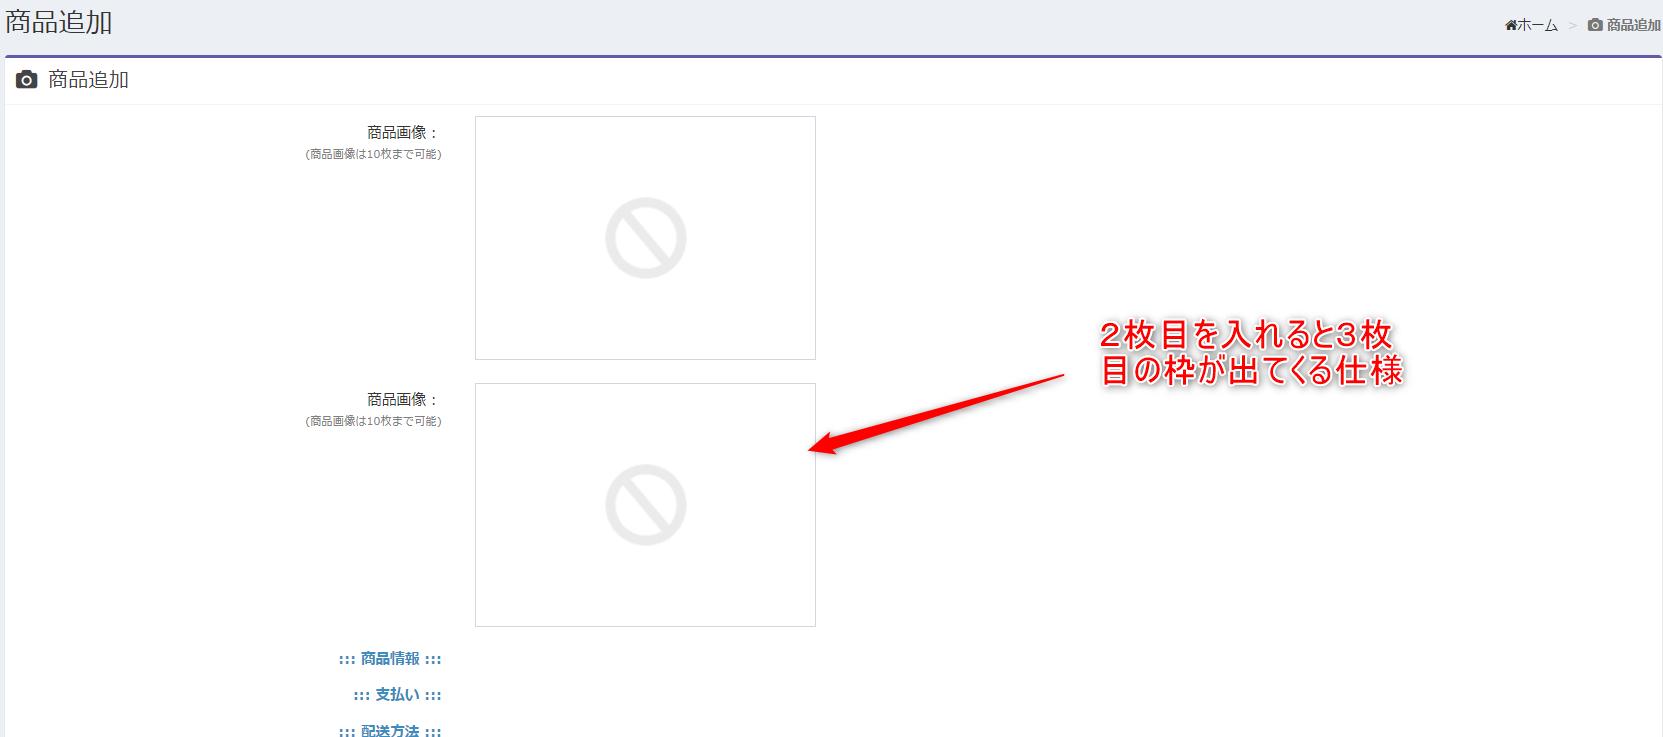 2018 02 15 18h10 48 【TOOL】ECAUOT更新情報 ヤフオク終了分・出品中の表示速度アップ 画像10枚が入るようになりました。